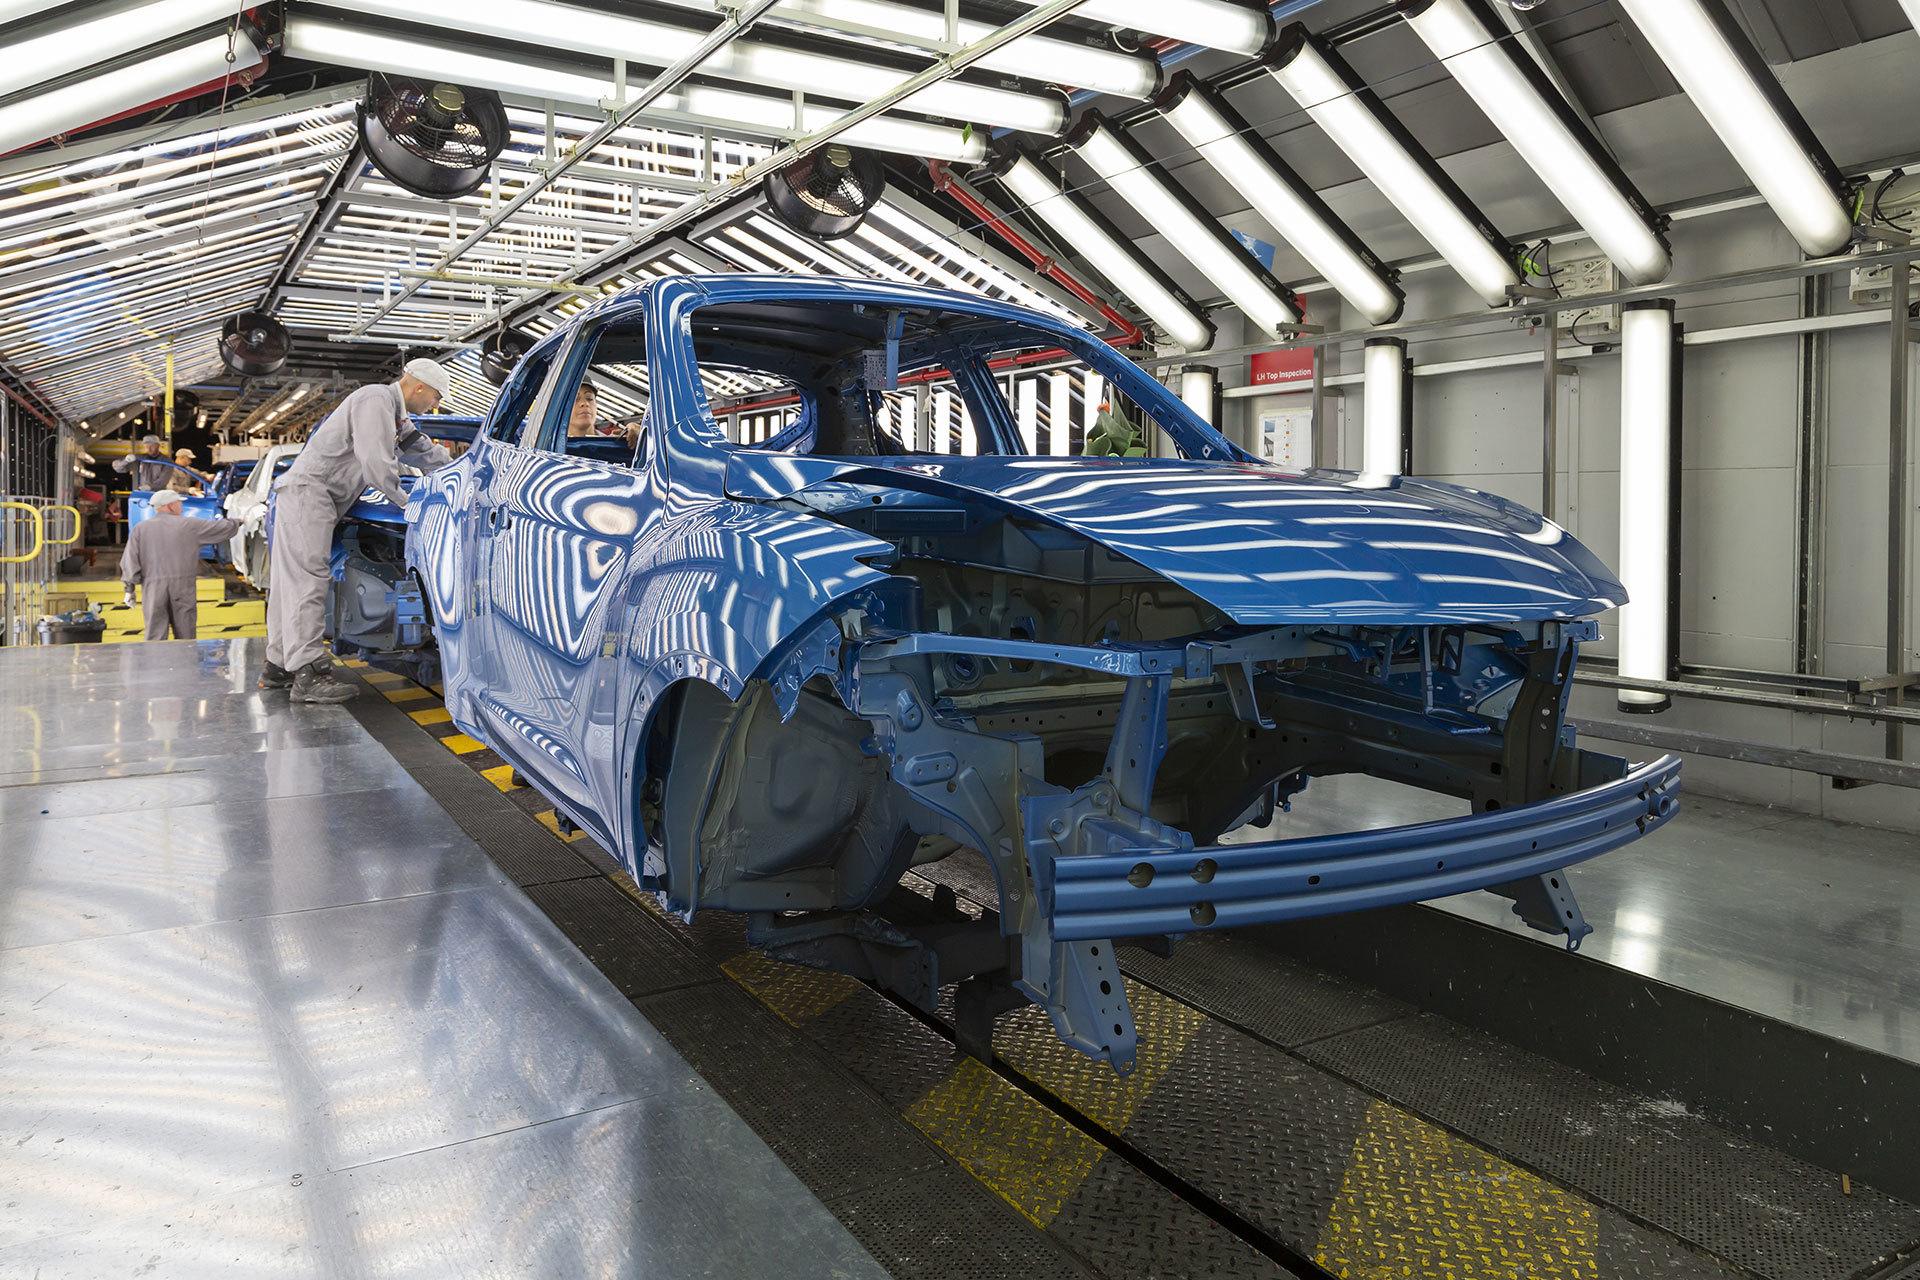 Nissan fabrica 1.000.000 de unidades del Juke: ¿Cuál es su futuro?